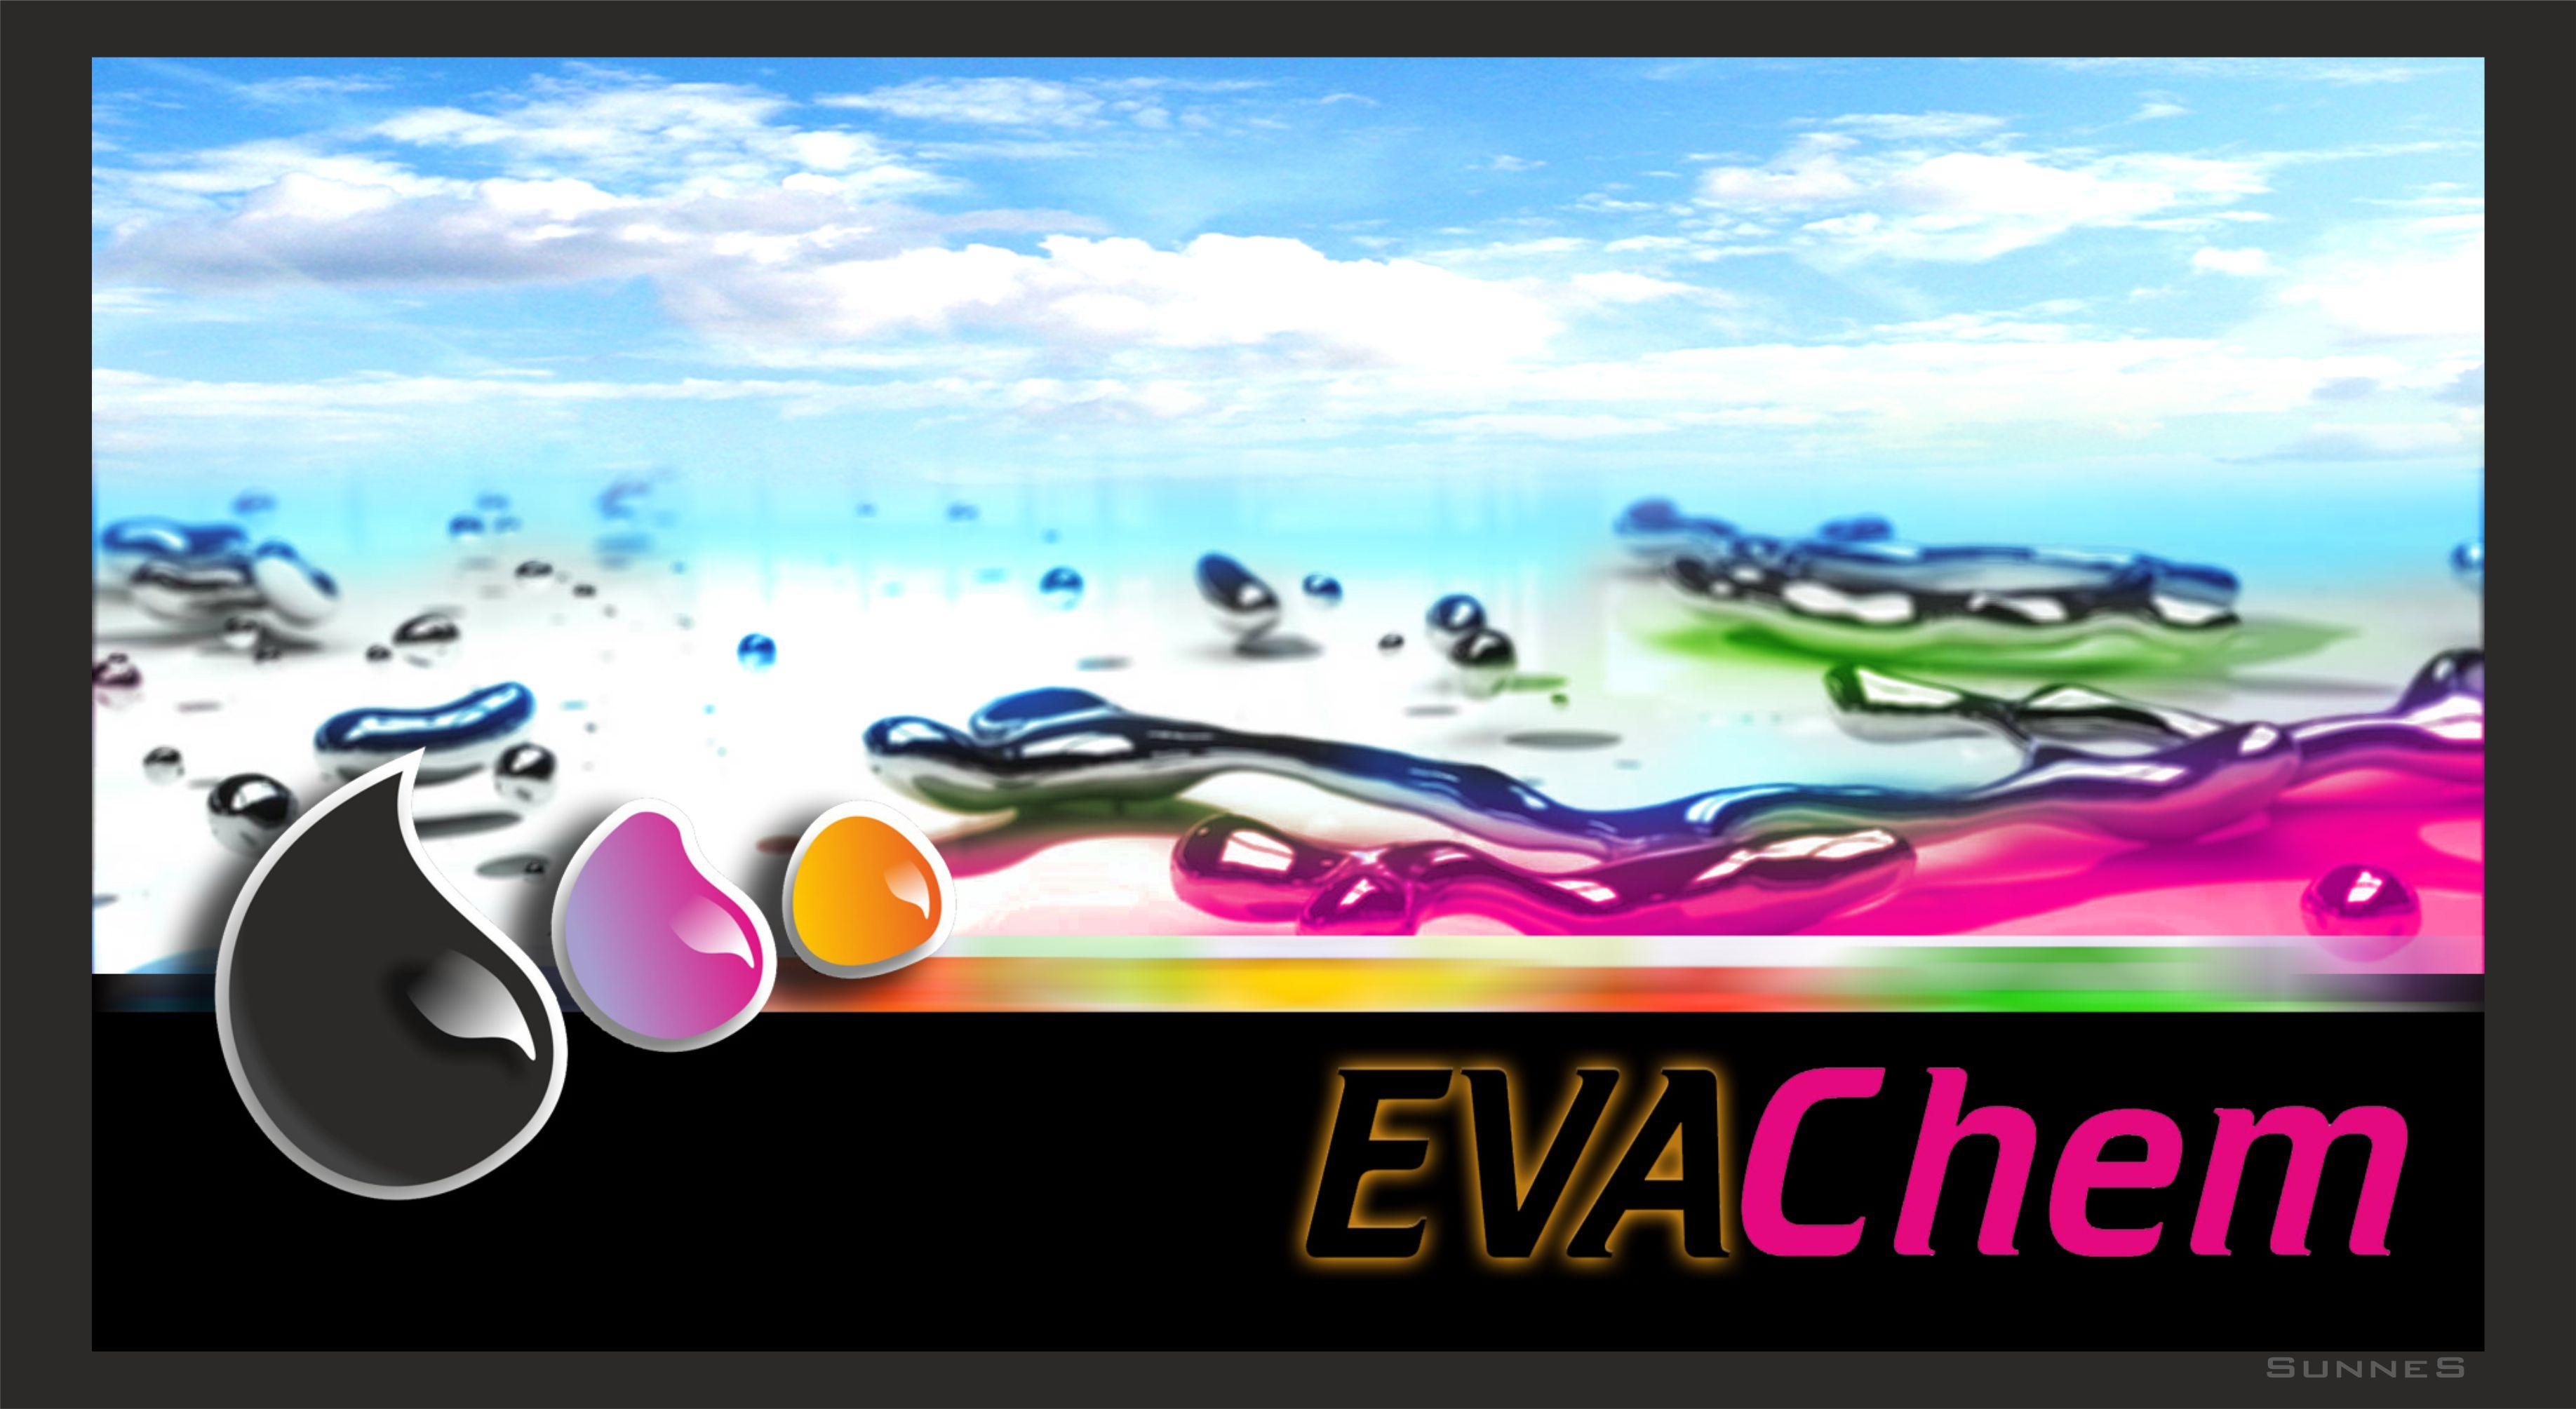 Разработка логотипа и фирменного стиля компании фото f_494572a27420a870.jpg